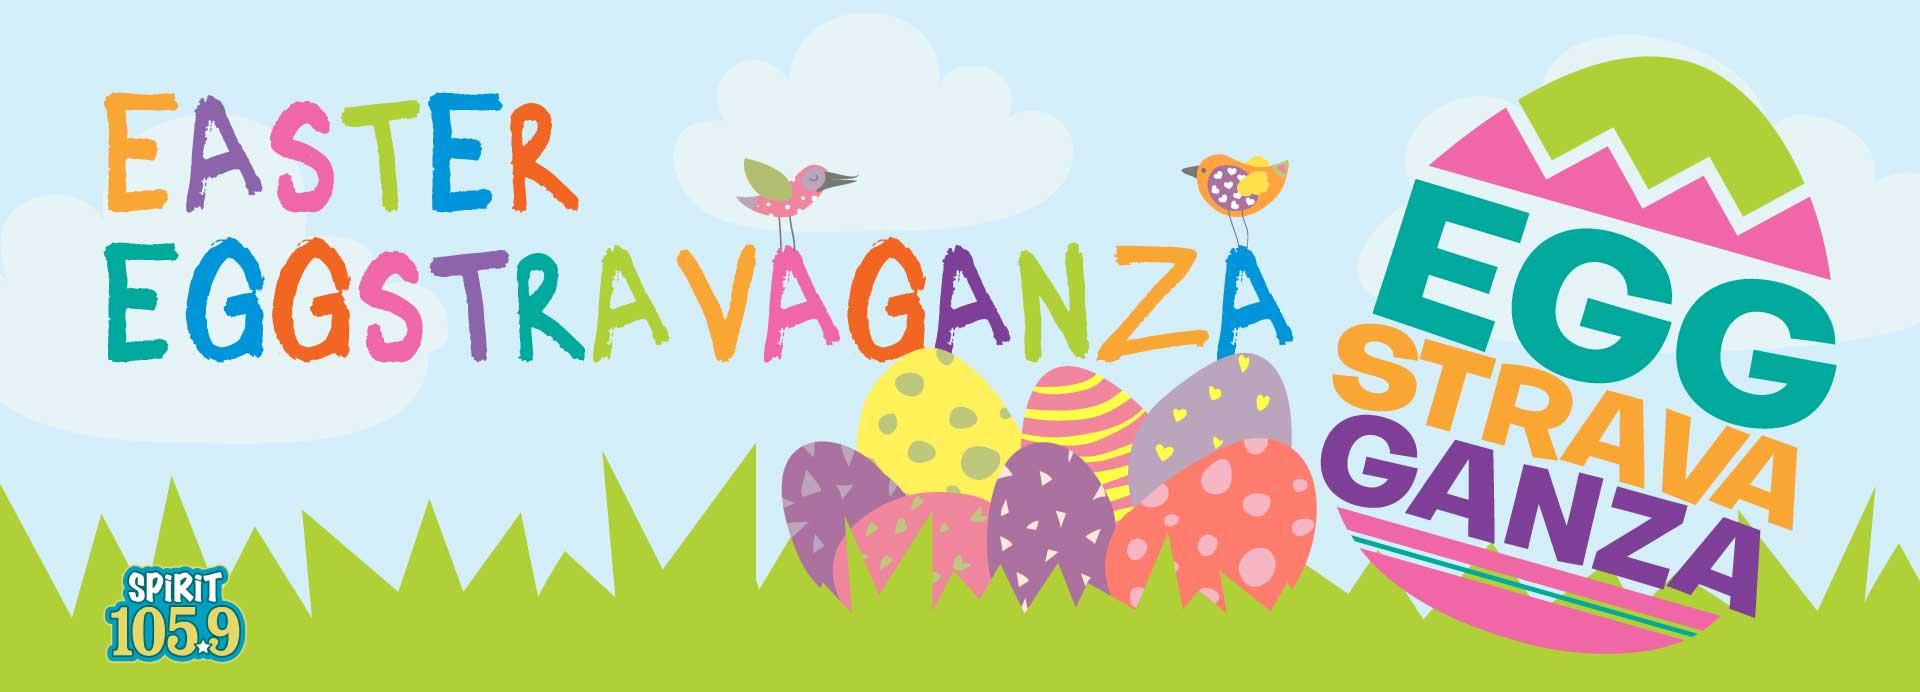 Easter-Eggstravaganza_1920x692.jpg